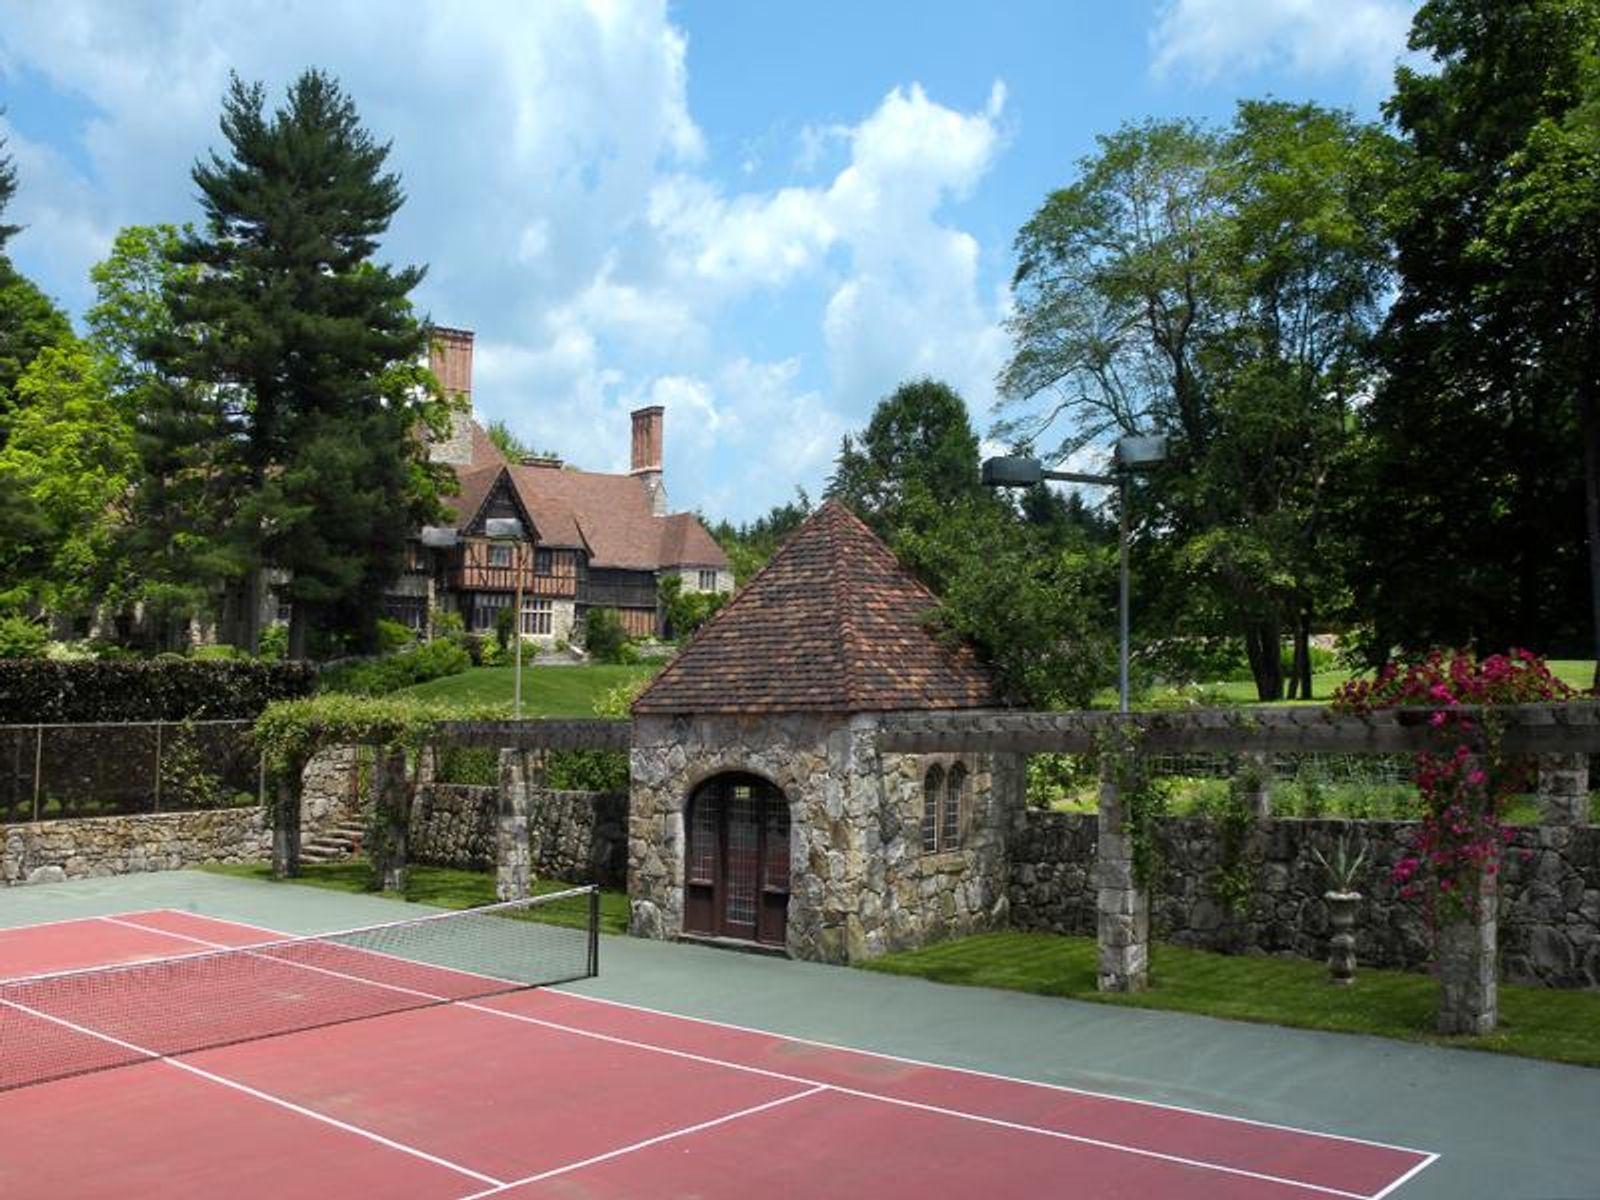 Tennis Court & Pavillion